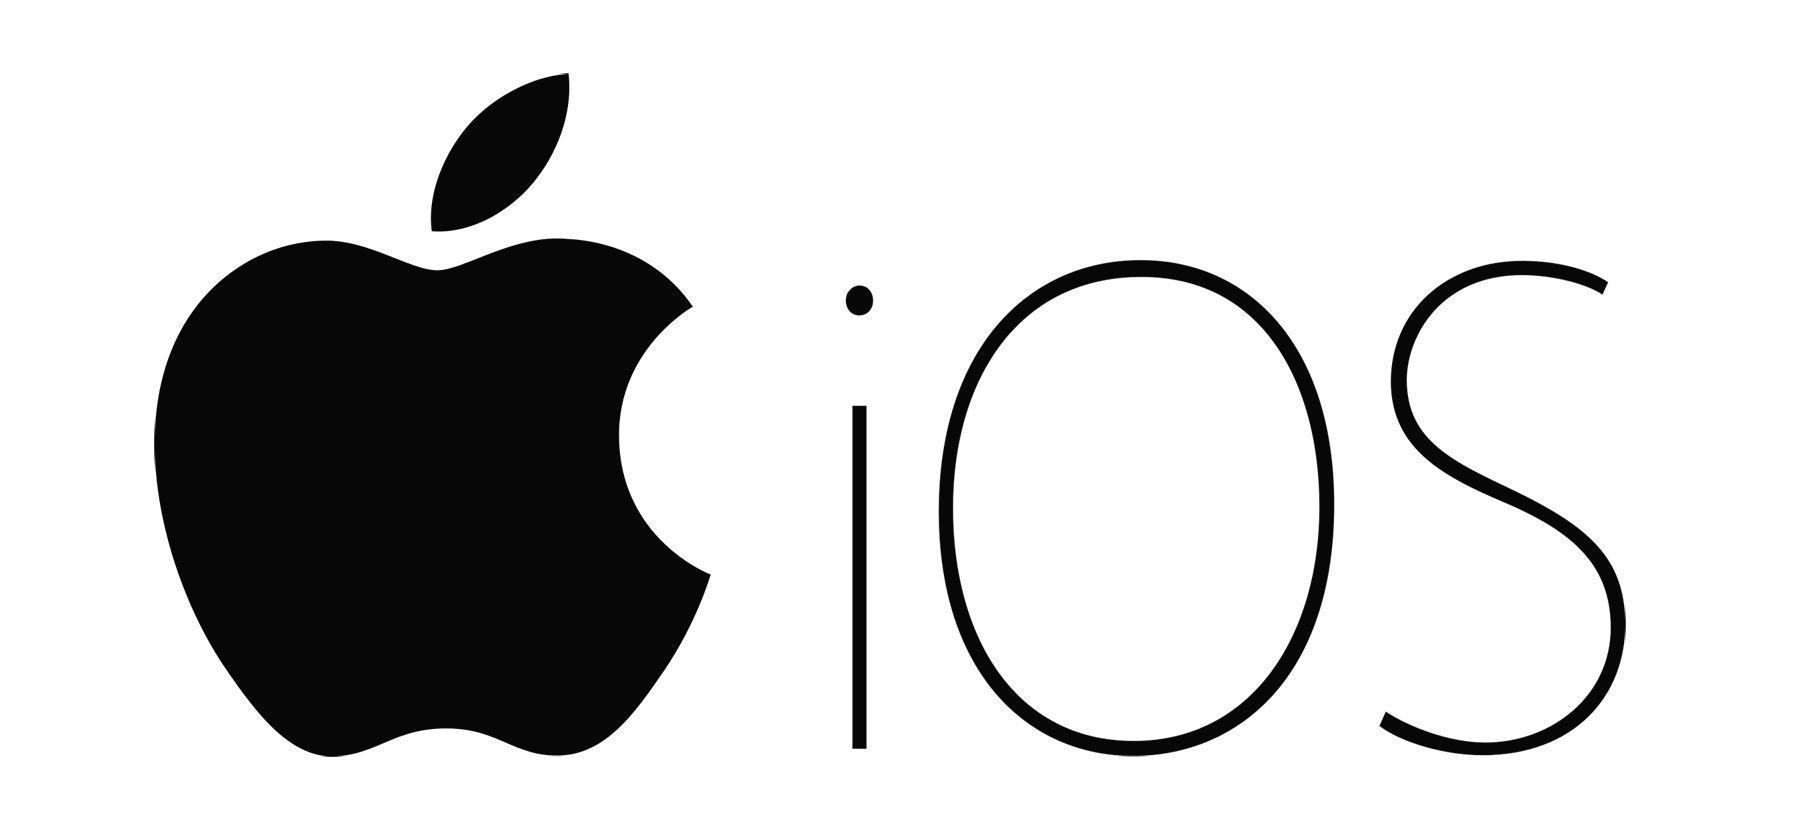 Výsledek obrázku pro ios logo